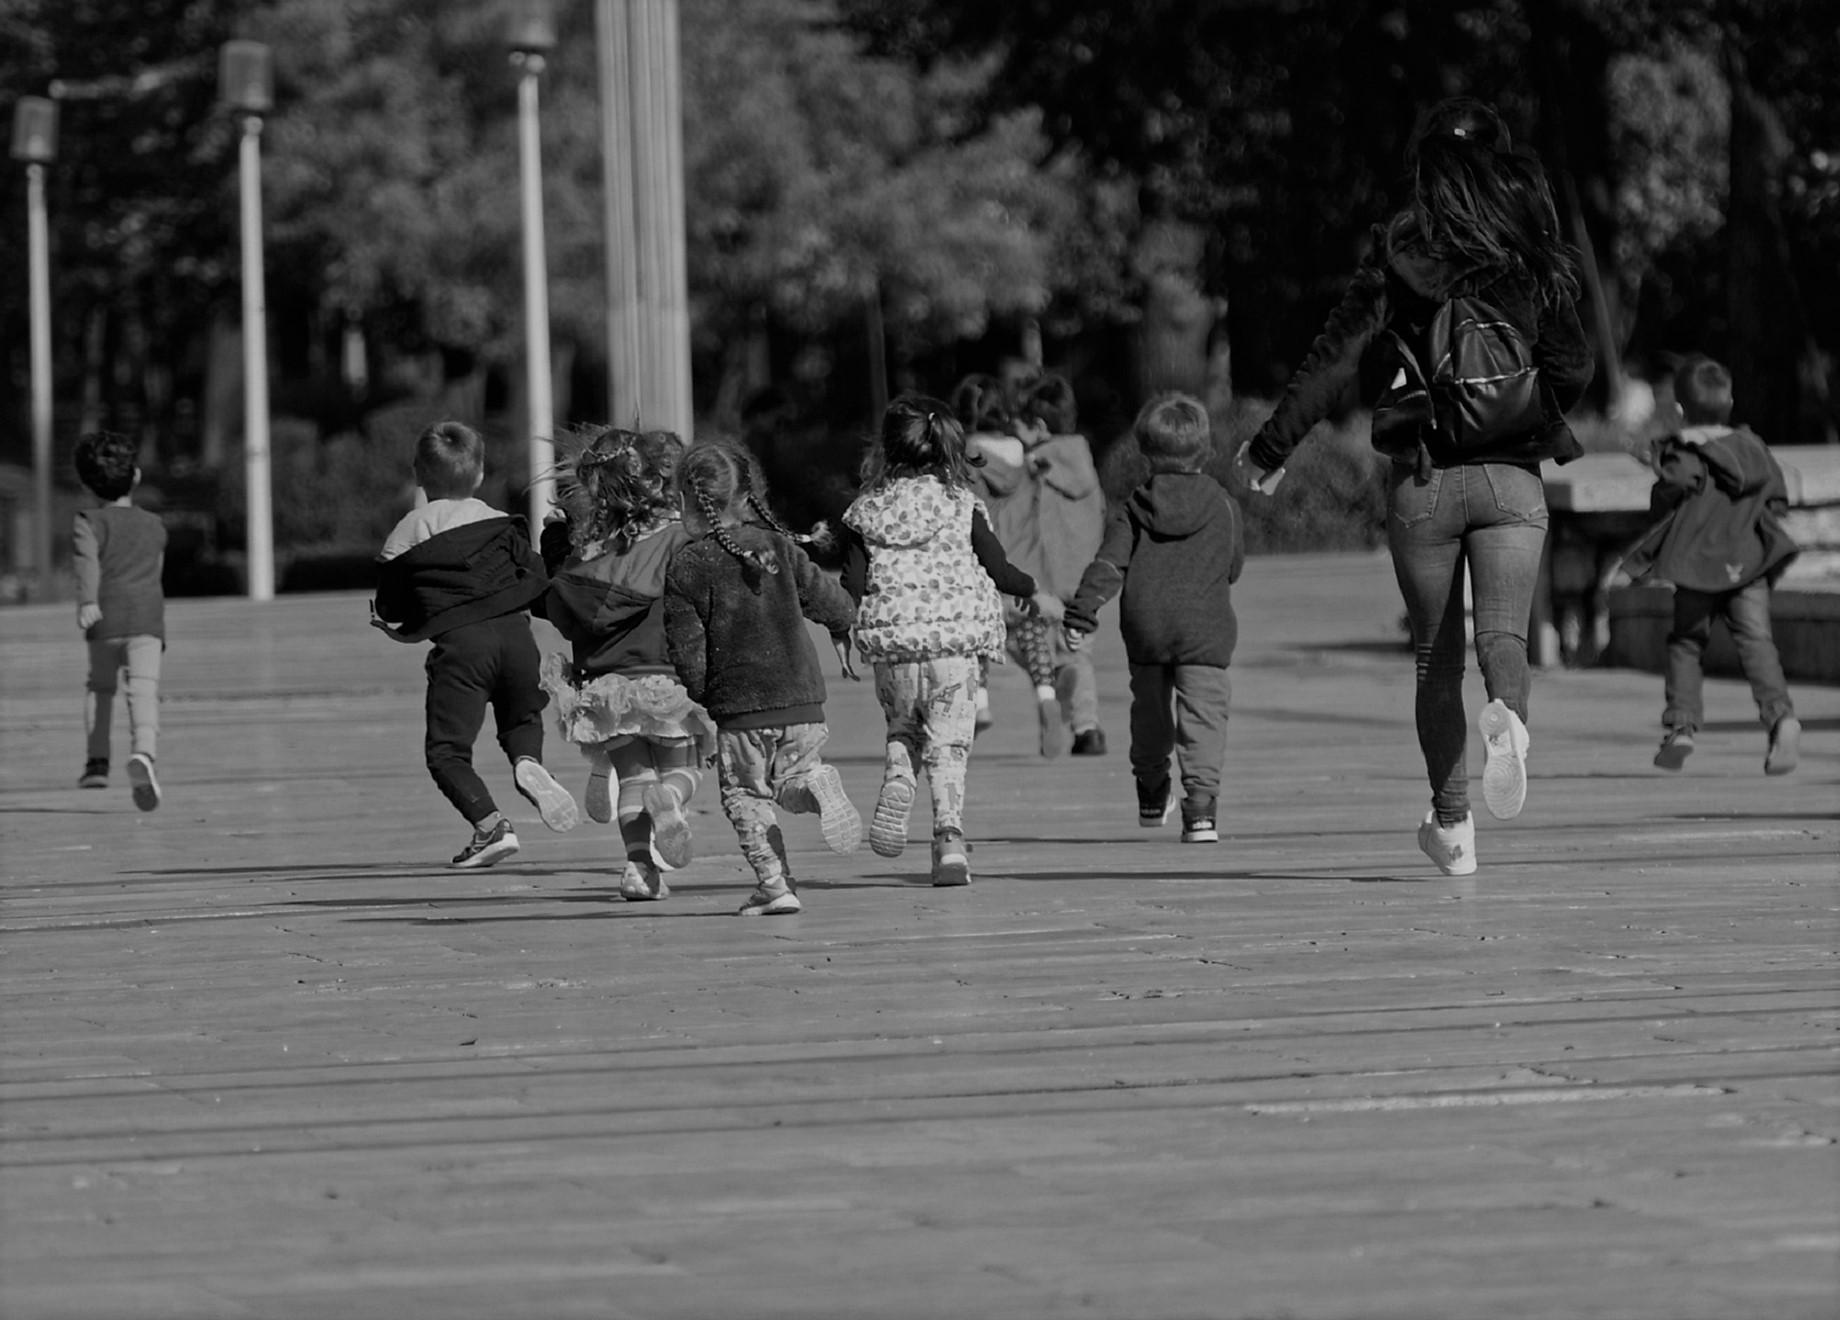 bvvp Unterstützung für Kinder und Jugendliche in der Pandemie gefordert: